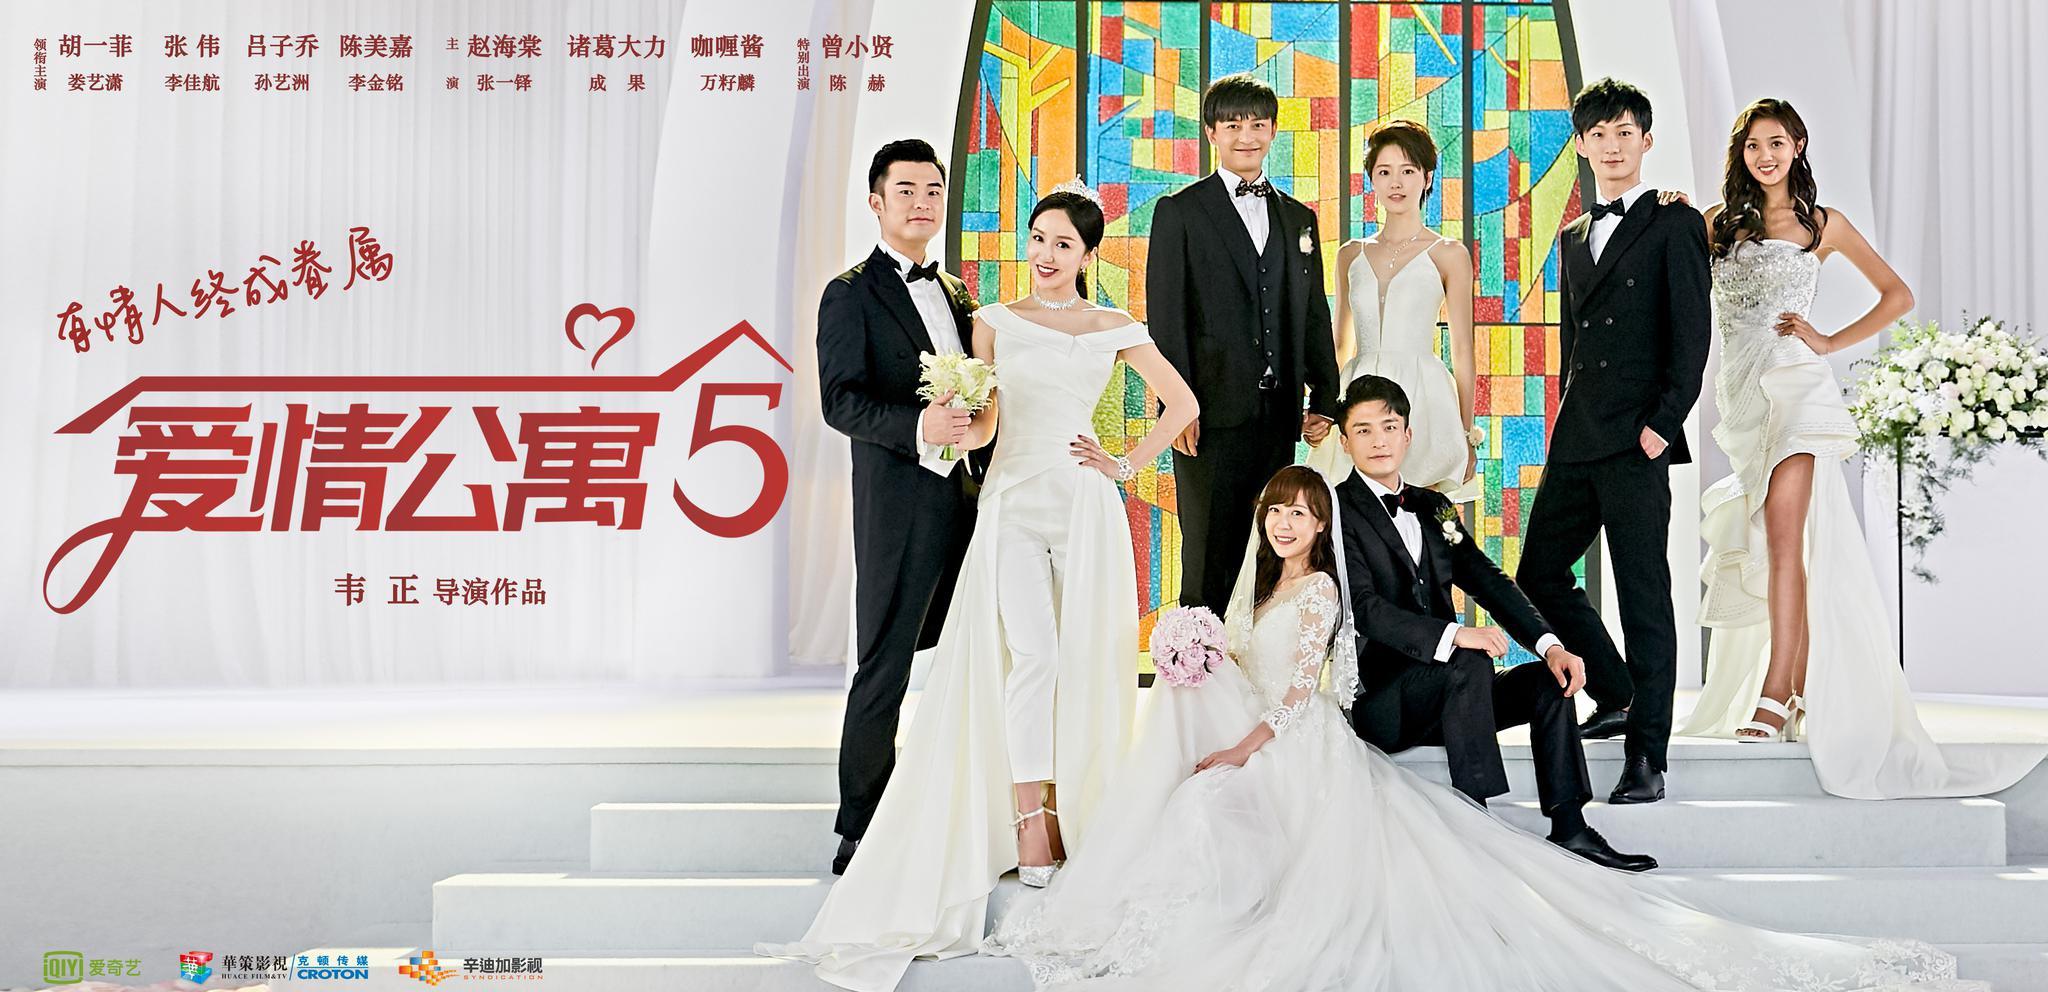 《爱情公寓5》新预告曝贤菲婚礼 最终季有情人终成眷属